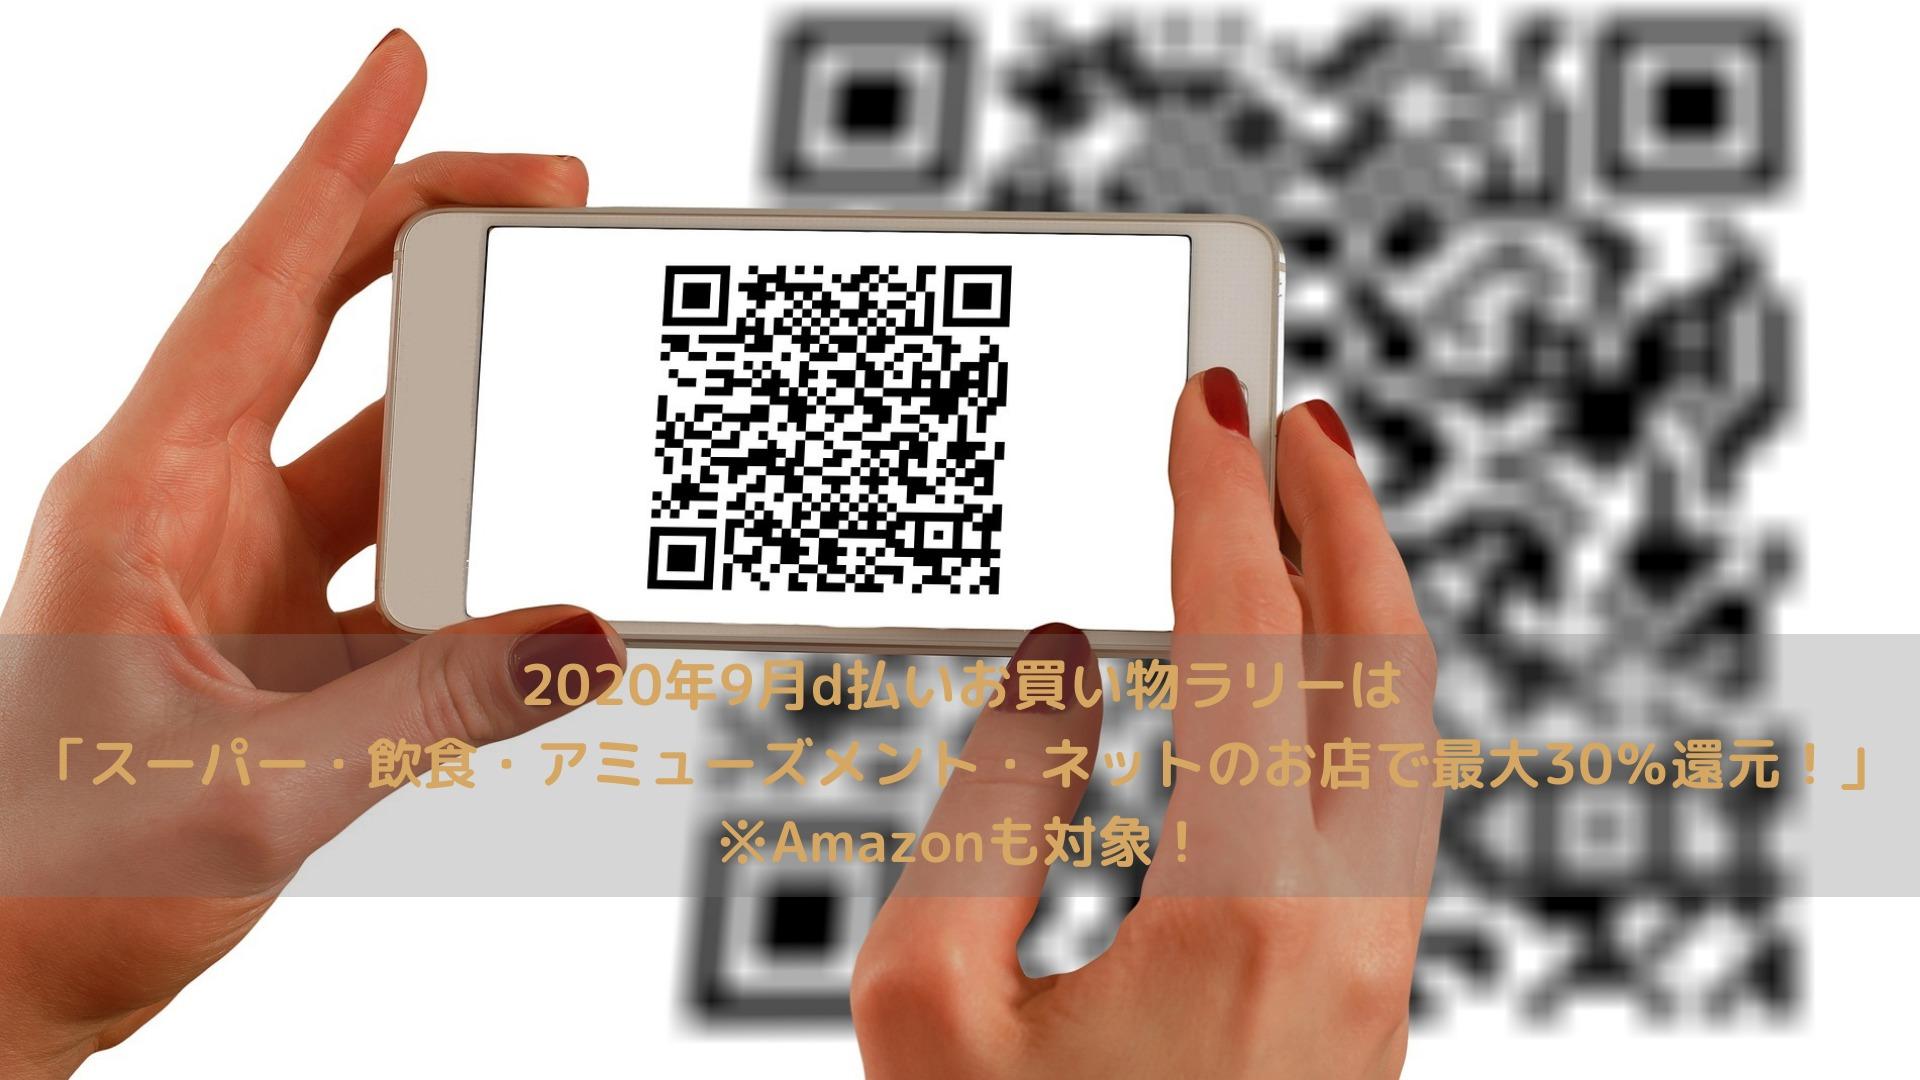 2020年9月d払いお買い物ラリーは「スーパー・飲食・アミューズメント・ネットのお店で最大30%還元!」※Amazonも対象!